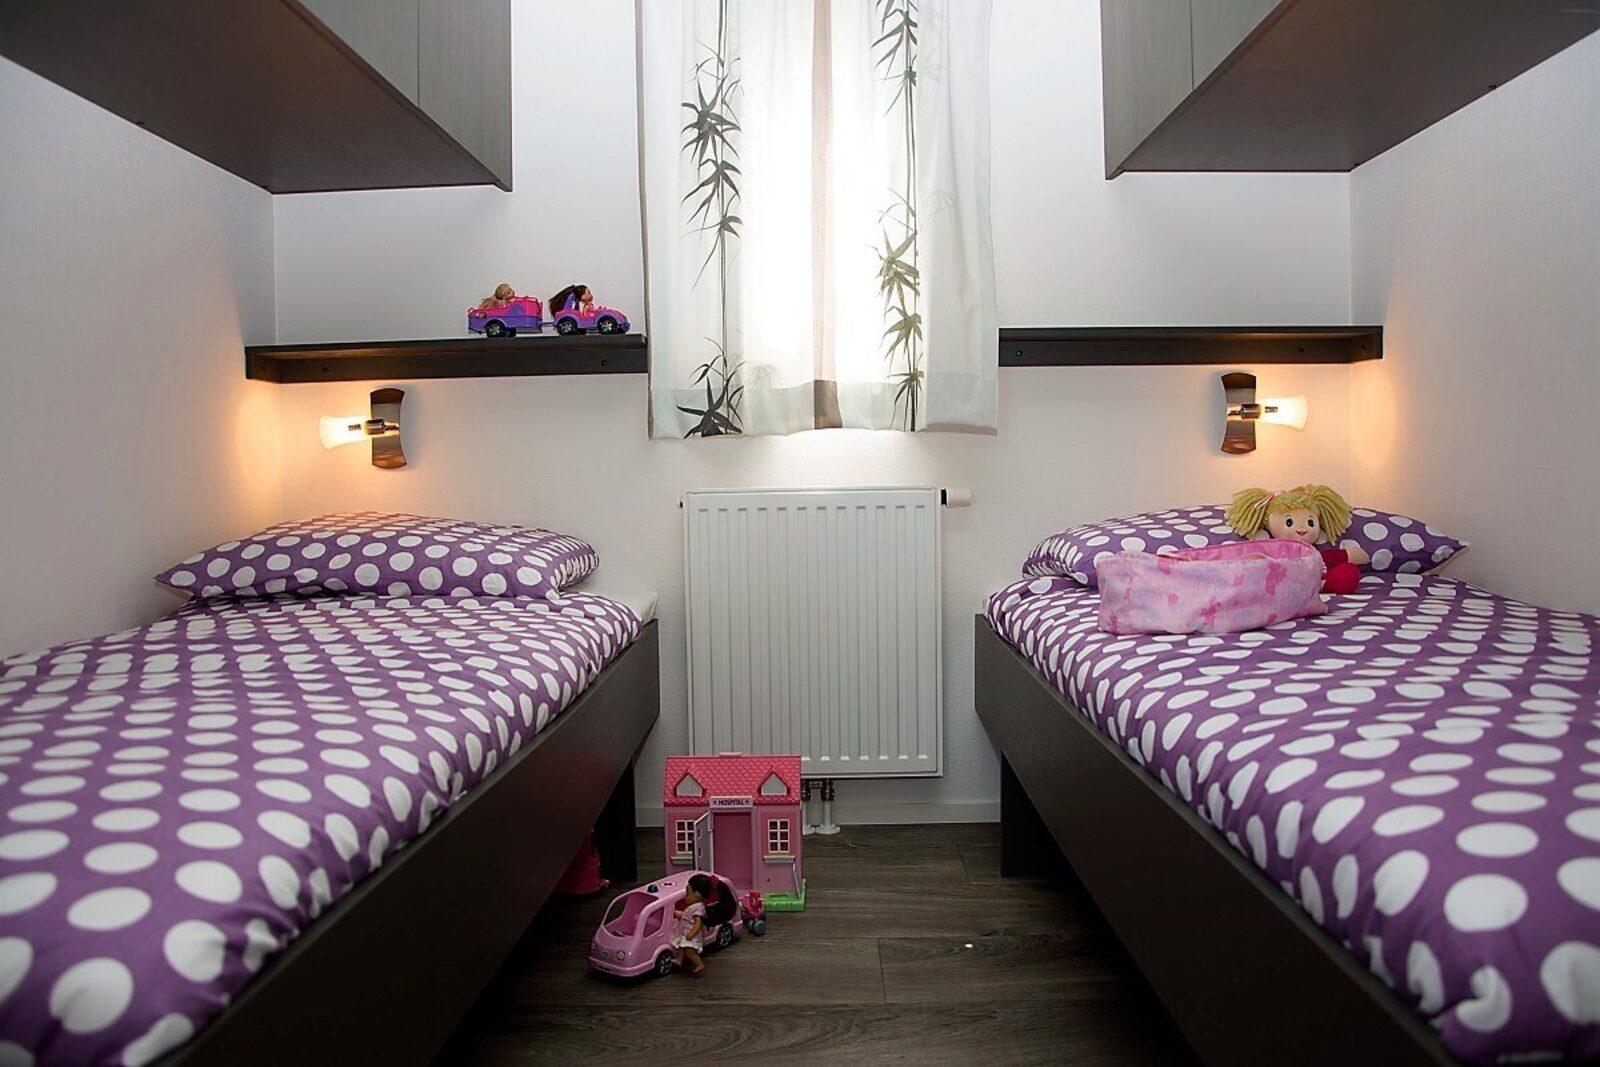 6-persoons accommodatie, 3 slaapkamers